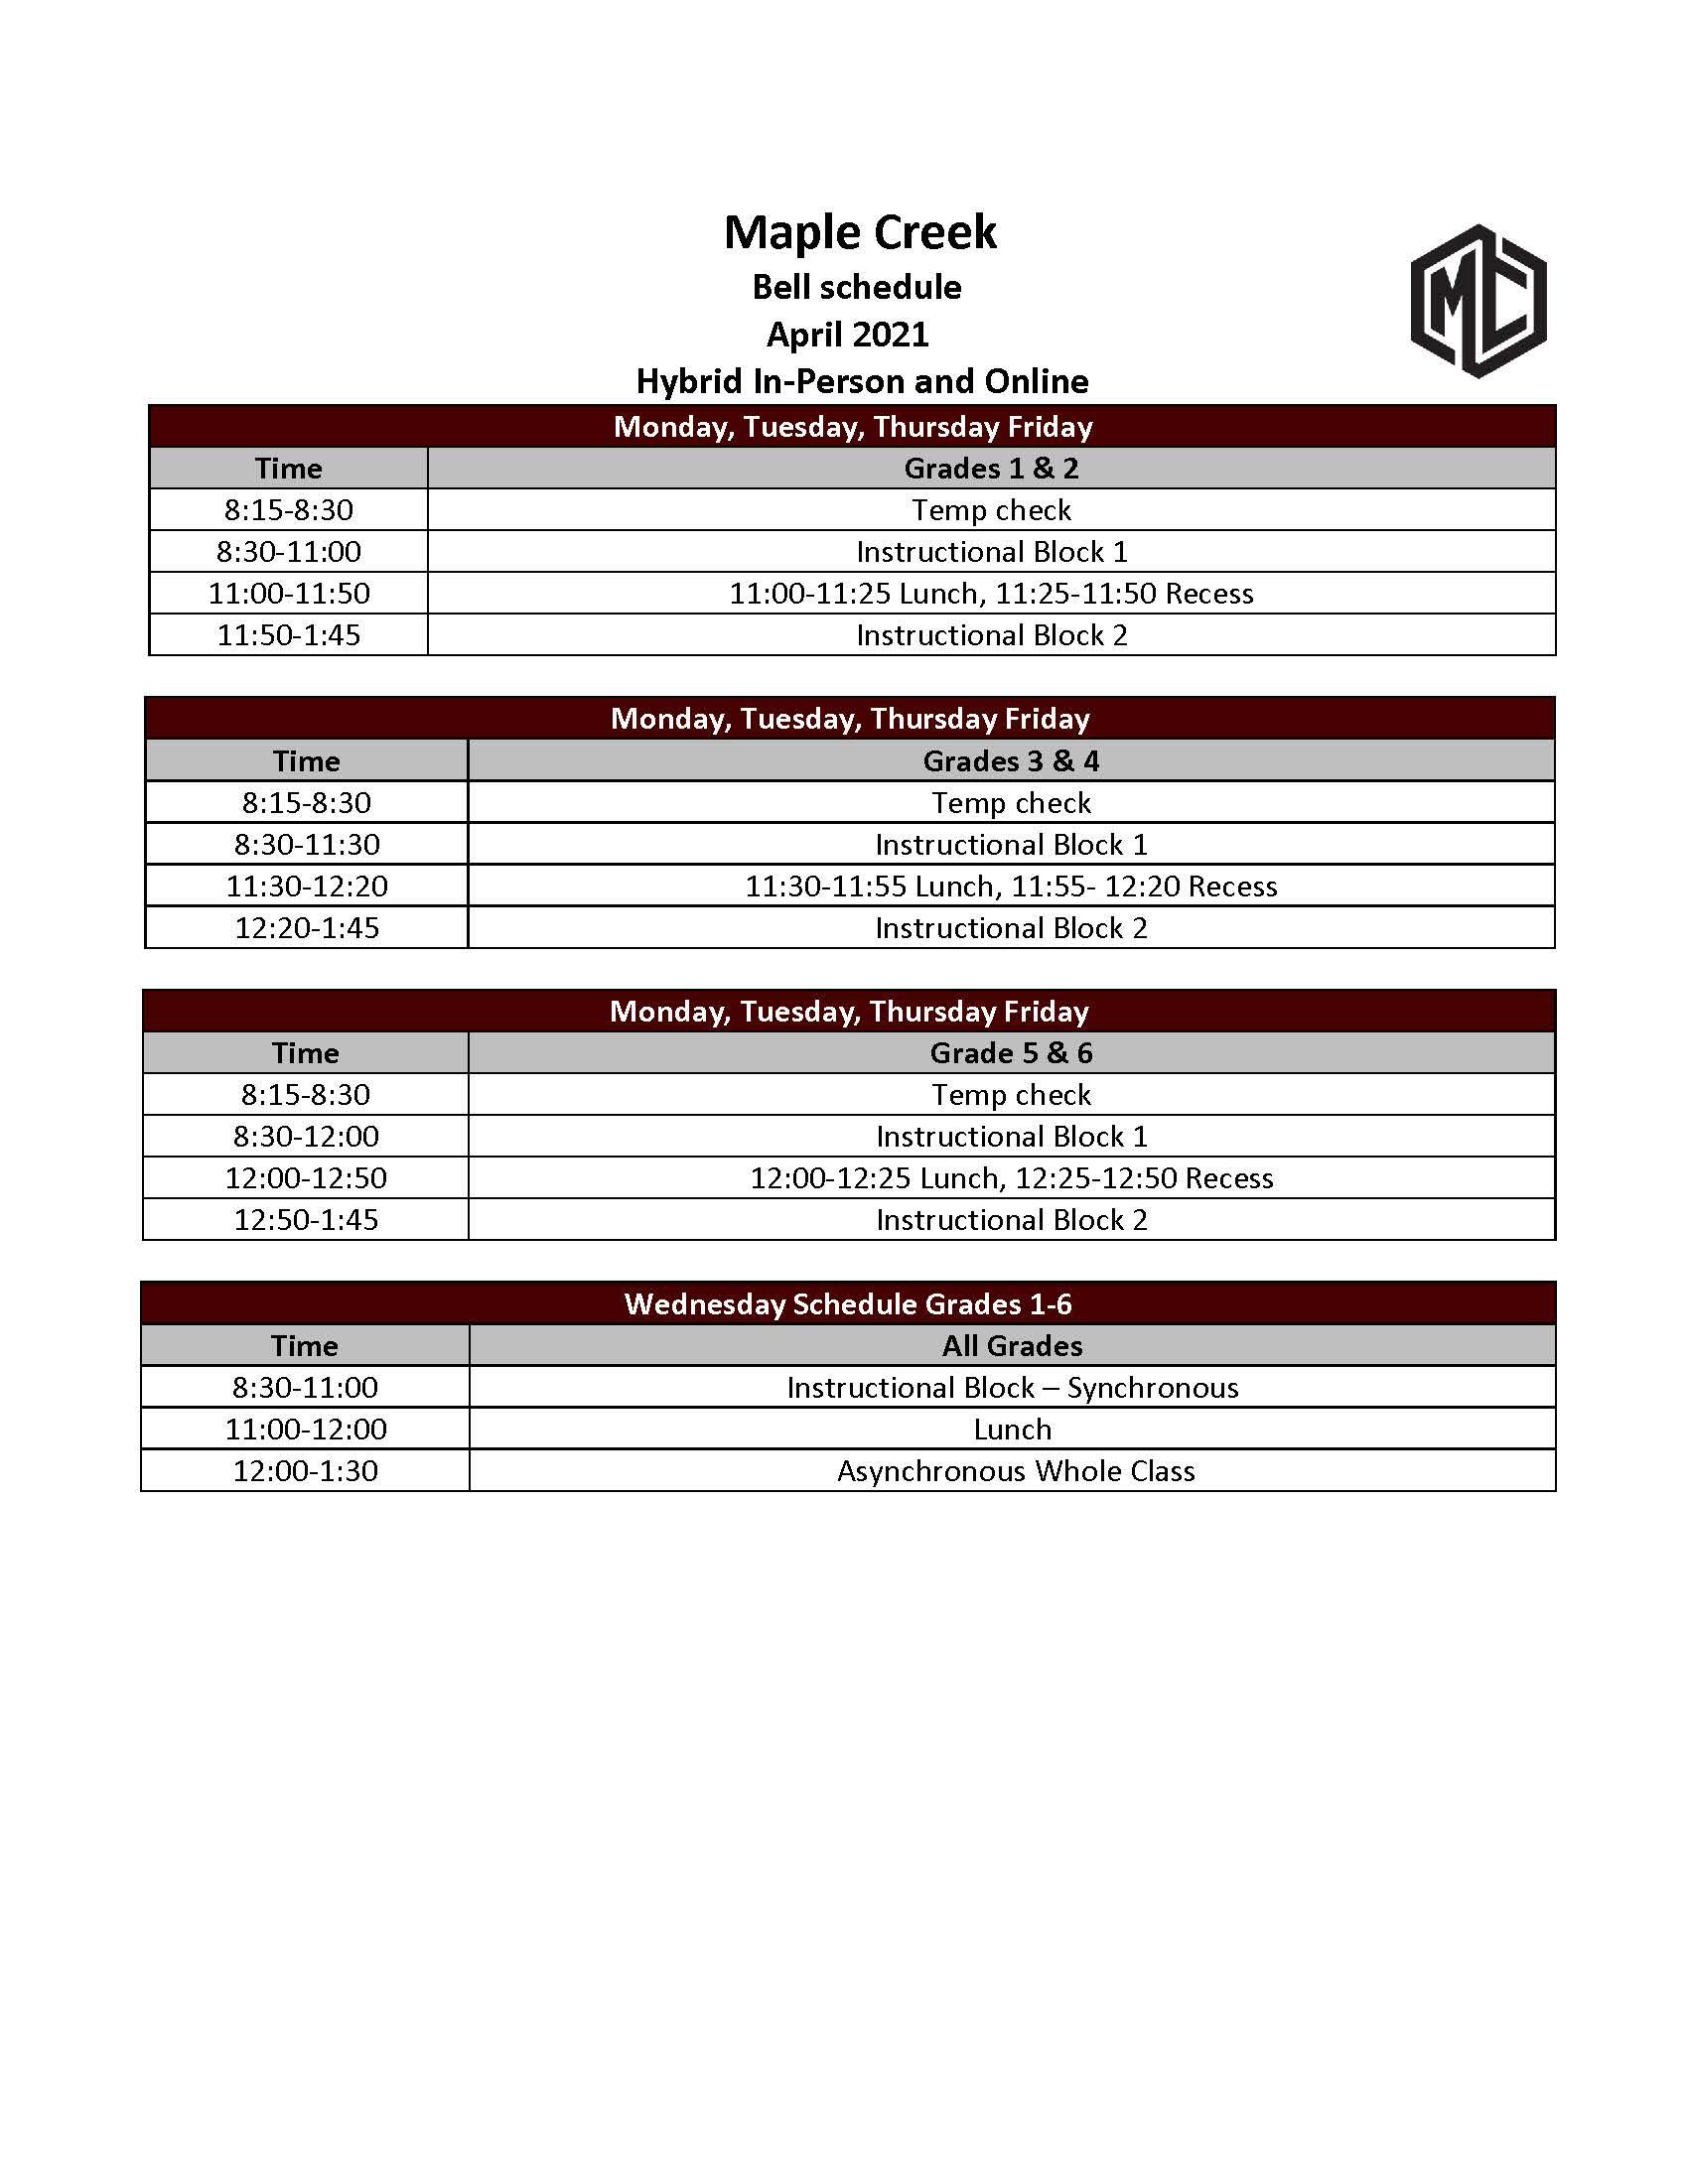 Bell Schedule April-June